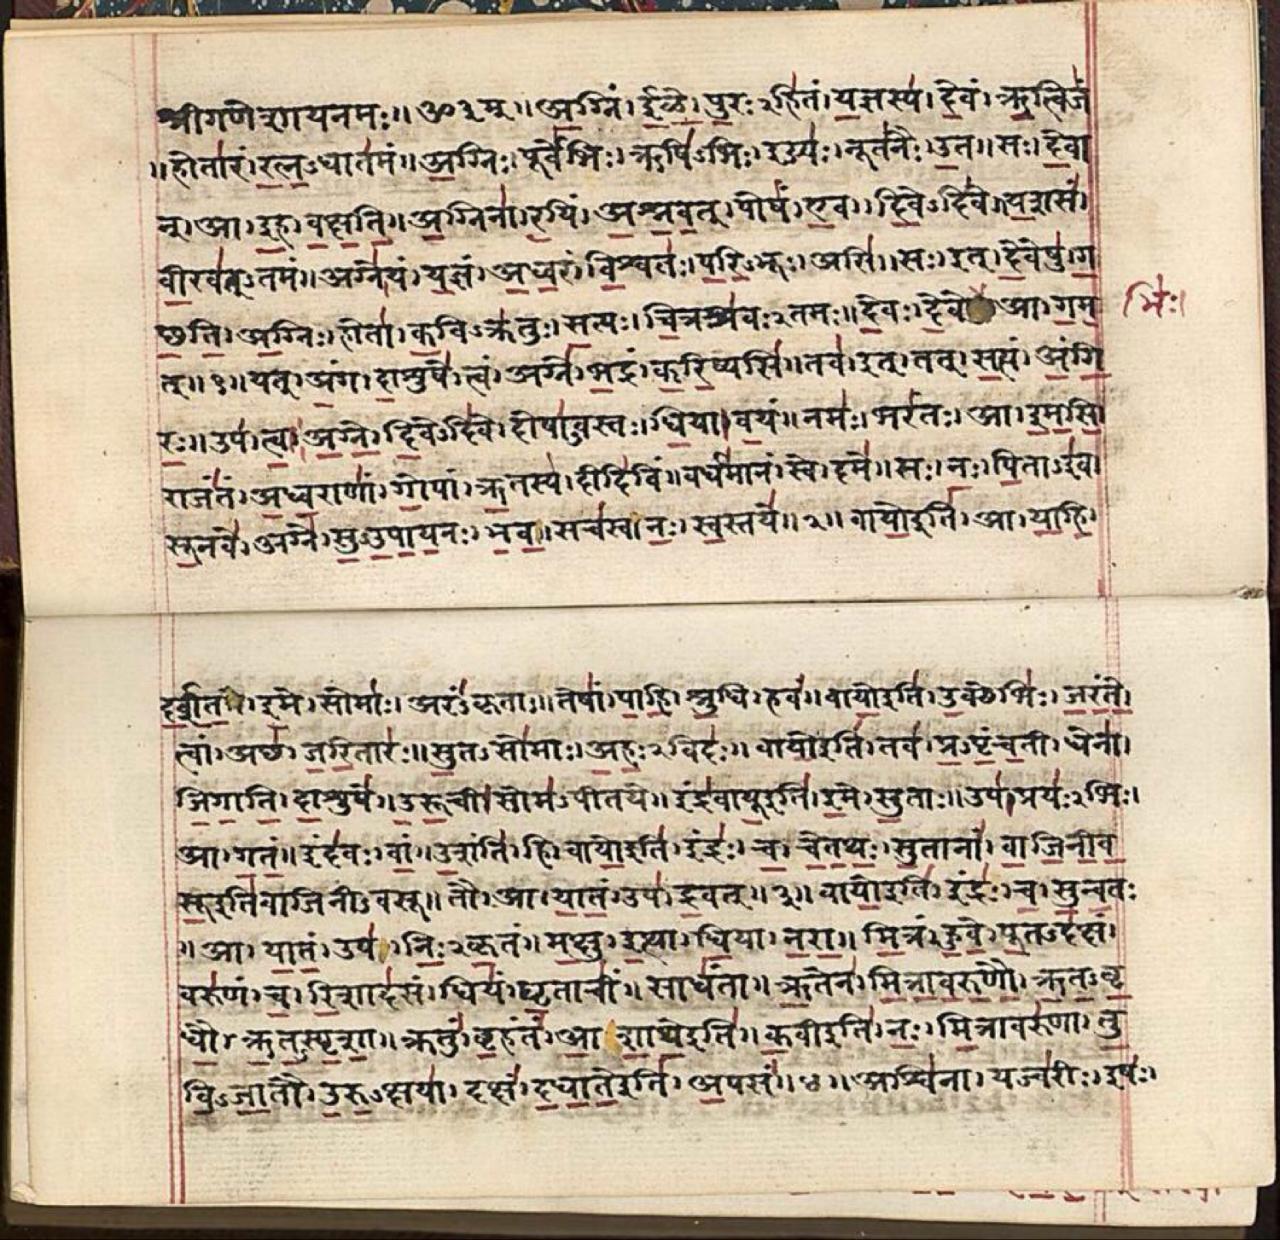 Los antiguos textos de Purāṇa hablan de humanoides con poderes sobrenaturales